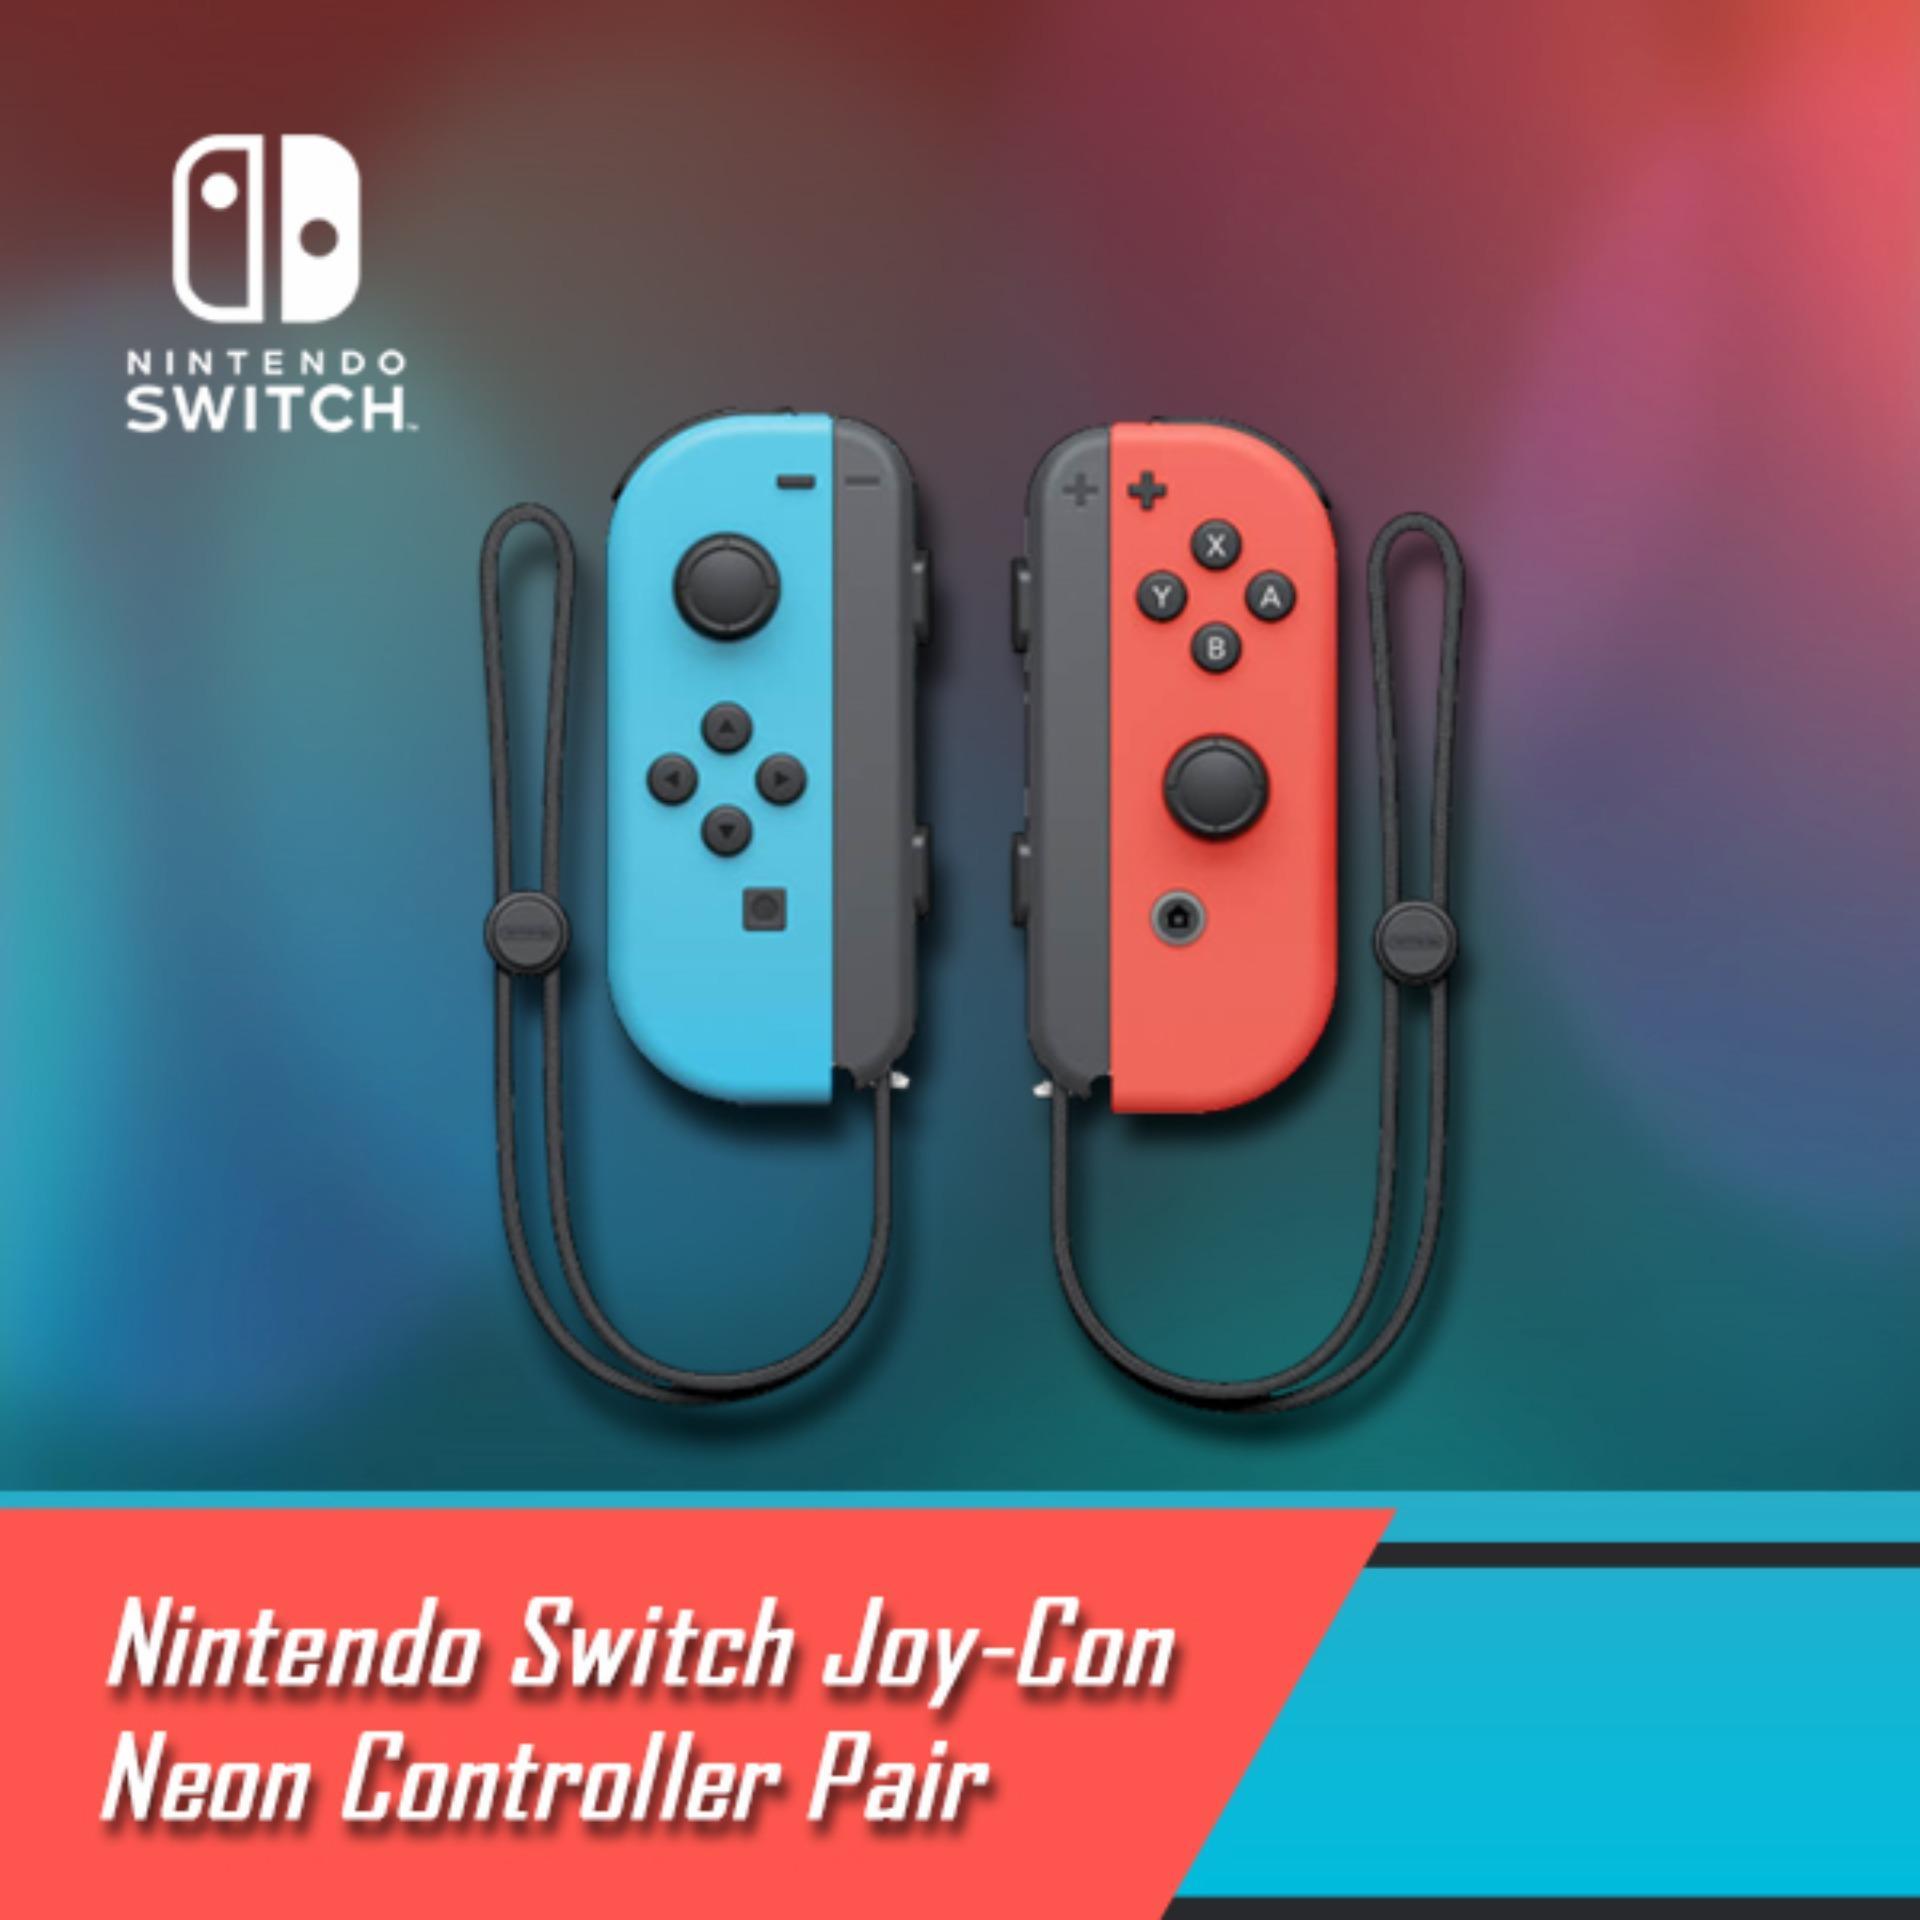 Nintendo Switch Joy-Con Neon Controller Set